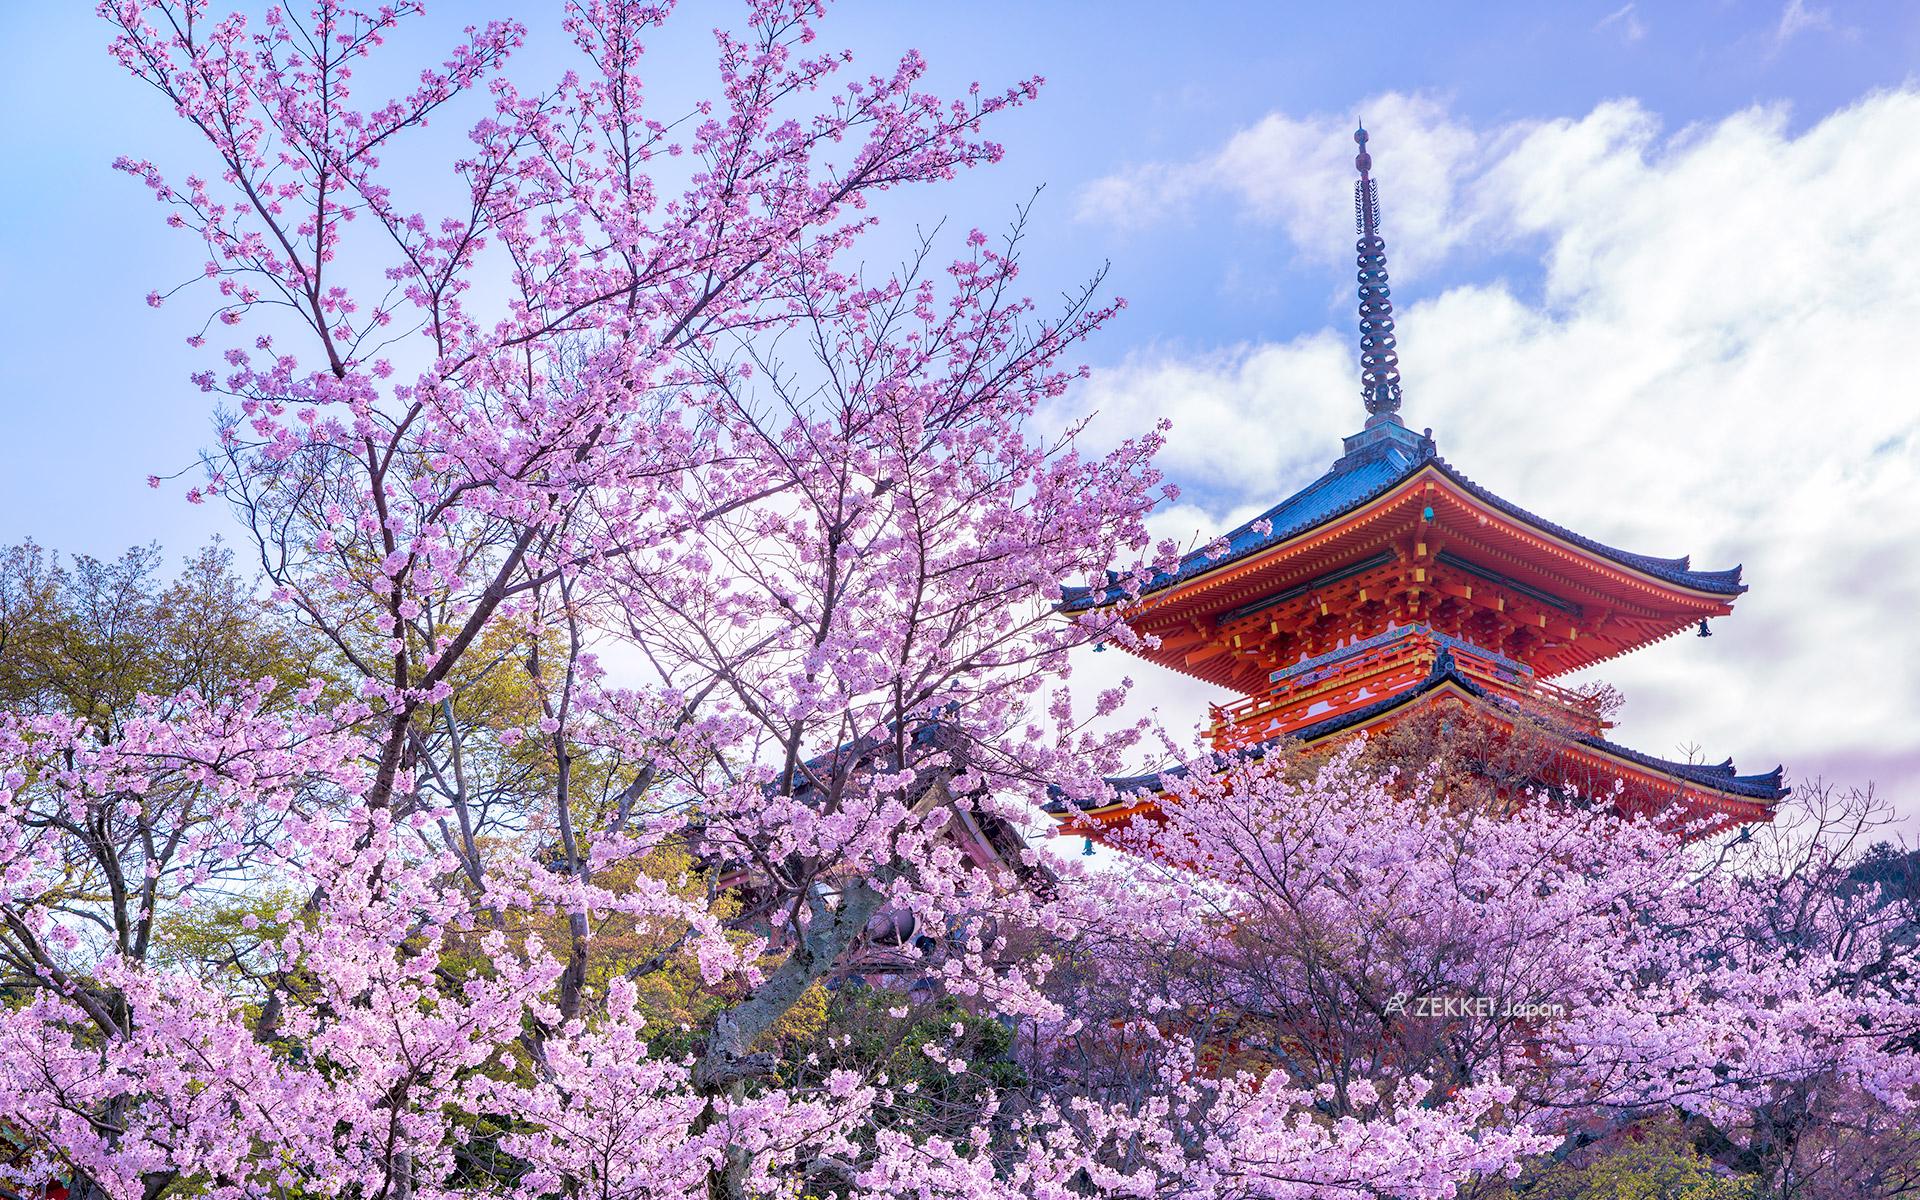 あなたのパソコン スマホに絶景を 桜のzekkei壁紙をプレゼント Zekkei Japan